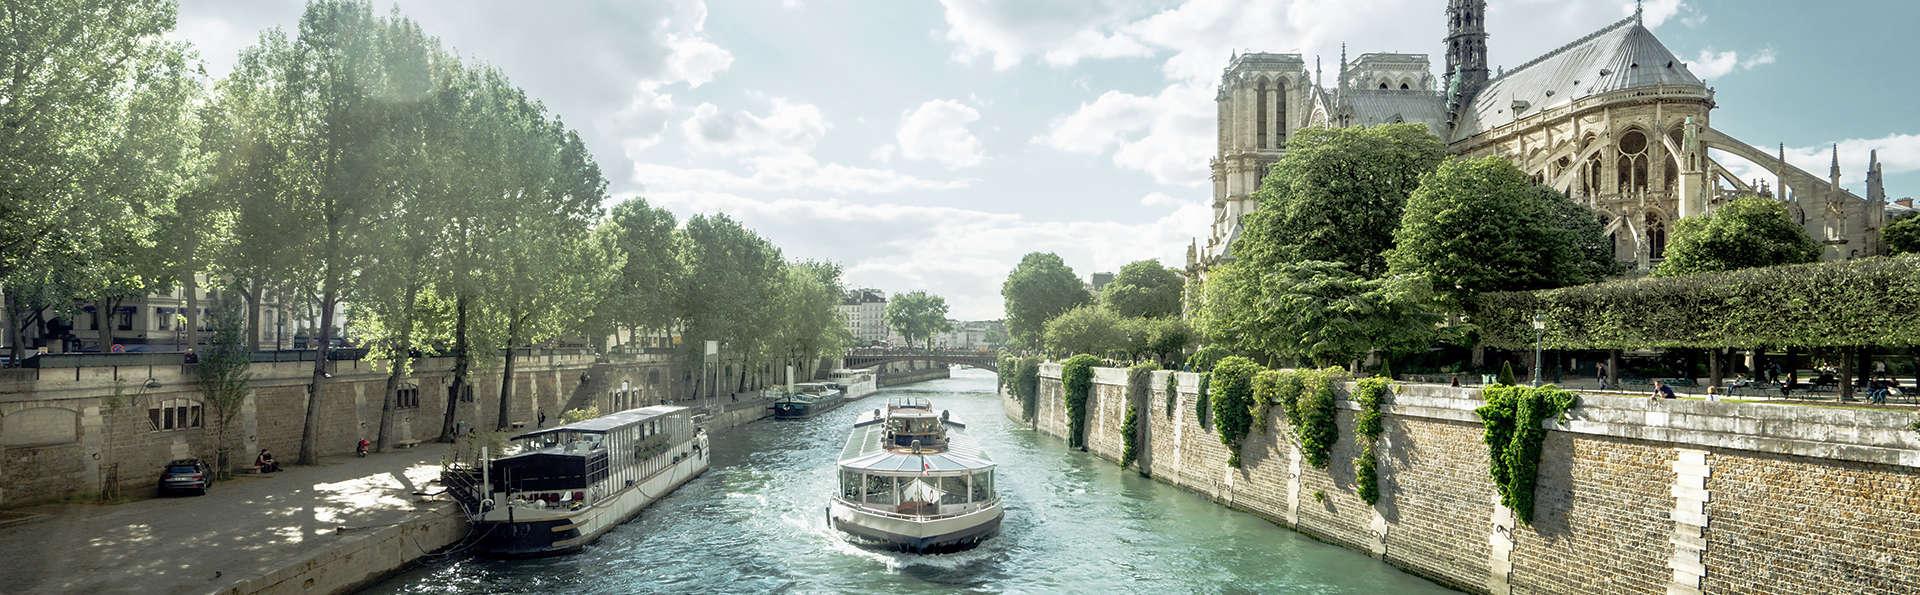 Week-end avec dîner-croisière au champagne à la Marina de Paris